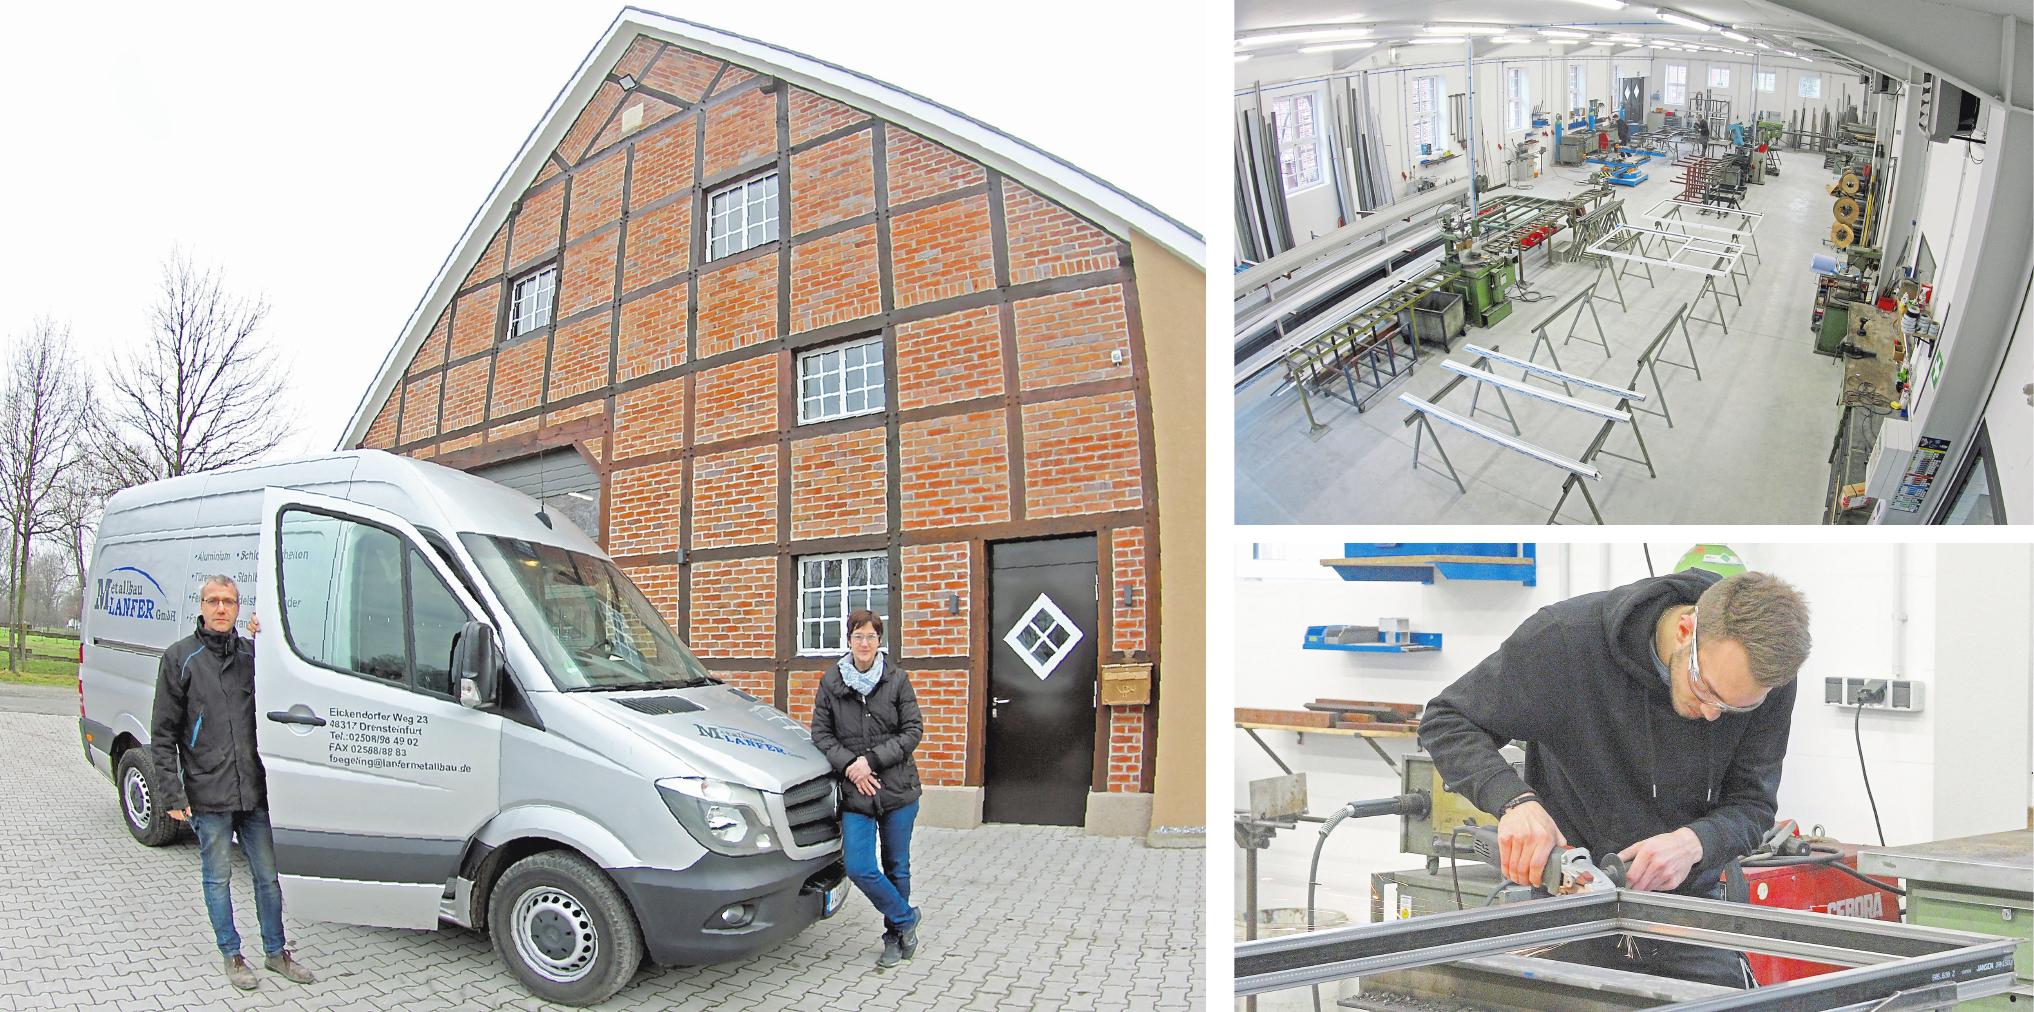 Viel Arbeit und Herzblut haben Norbert und Marion Fögeling in Umbau und Kernsanierung des alten Hofgebäudes investiert. Entstanden ist eine lichtdurchflutete Produktionshalle, die den Beschäftigten optimale Arbeitsbedingungen bietet. Fotos (4): Dietmar Jeschke